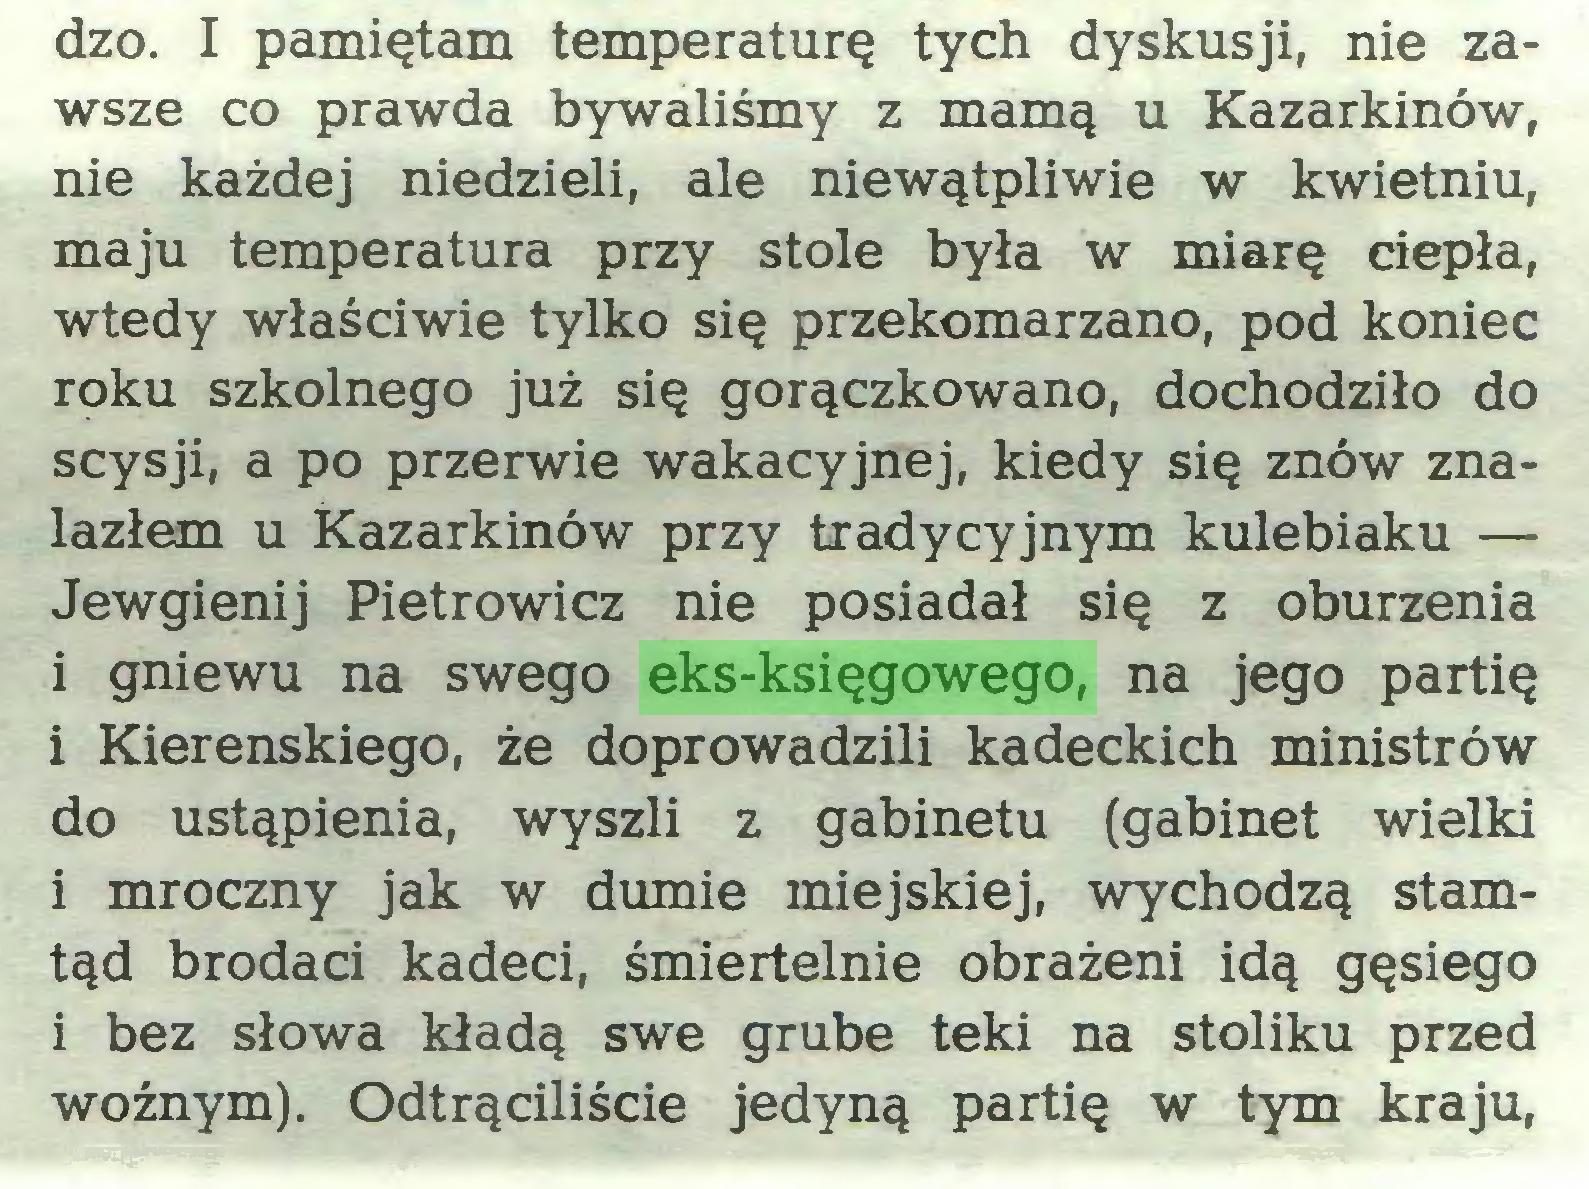 (...) dzo. I pamiętam temperaturę tych dyskusji, nie zawsze co prawda bywaliśmy z mamą u Kazarkinów, nie każdej niedzieli, ale niewątpliwie w kwietniu, maju temperatura przy stole była w miarę ciepła, wtedy właściwie tylko się przekomarzano, pod koniec roku szkolnego już się gorączkowano, dochodziło do scysji, a po przerwie wakacyjnej, kiedy się znów znalazłem u kazarkinów przy tradycyjnym kulebiaku — Jewgienij Pietrowicz nie posiadał się z oburzenia 1 gniewu na swego eks-księgowego, na jego partię i Kierenskiego, że doprowadzili kadeckich ministrów do ustąpienia, wyszli z gabinetu (gabinet wielki i mroczny jak w dumie miejskiej, wychodzą stamtąd brodaci kadeci, śmiertelnie obrażeni idą gęsiego i bez słowa kładą swe grube teki na stoliku przed woźnym). Odtrąciliście jedyną partię w tym kraju,...